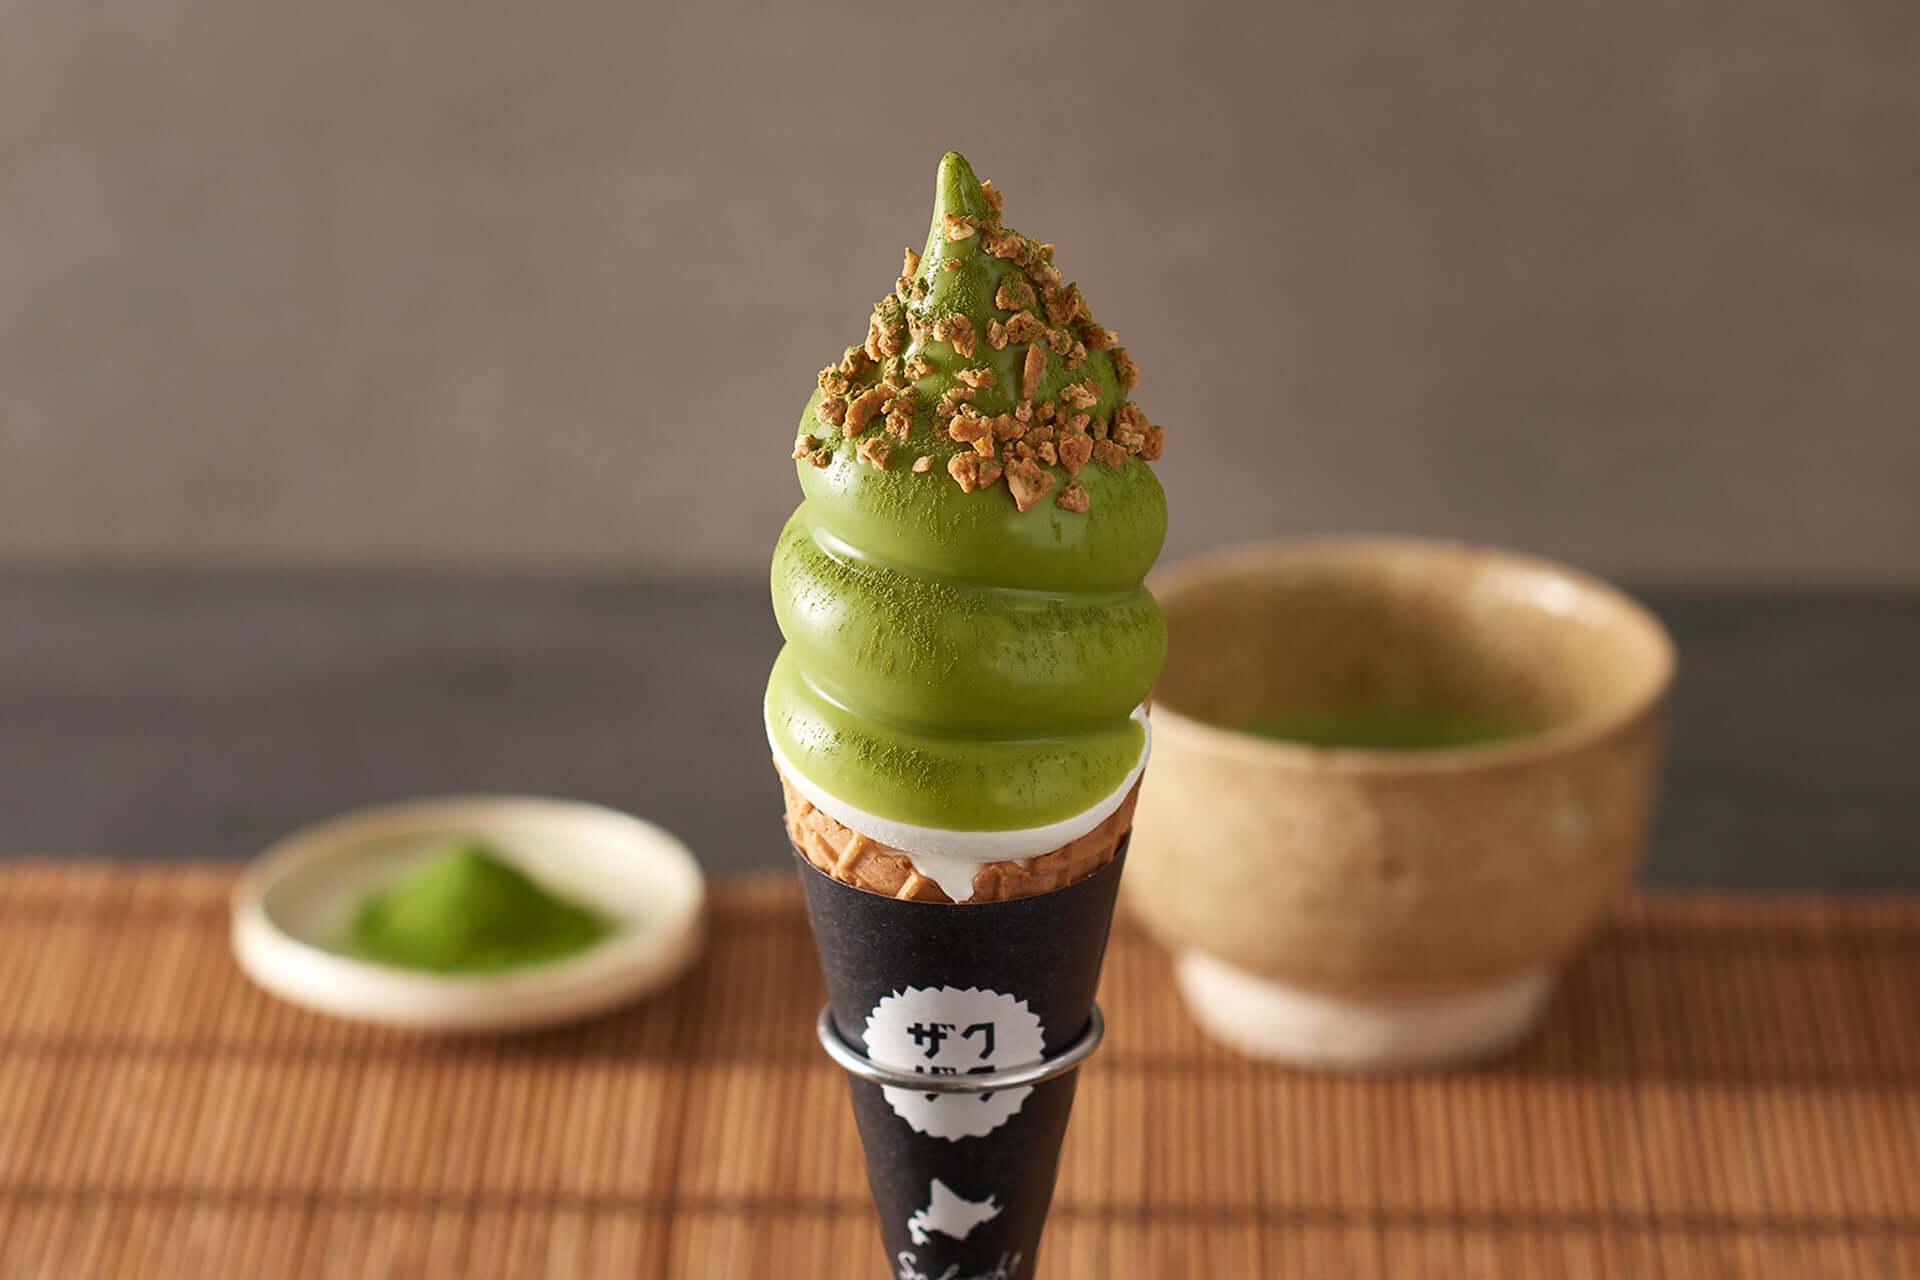 清涼感あふれる抹茶フレーバーのザクザクシュー&濃厚ソフトクリームがクロッカンシュー ザクザクに期間限定で登場! gourmet200617_zakuzaku_5-1920x1280